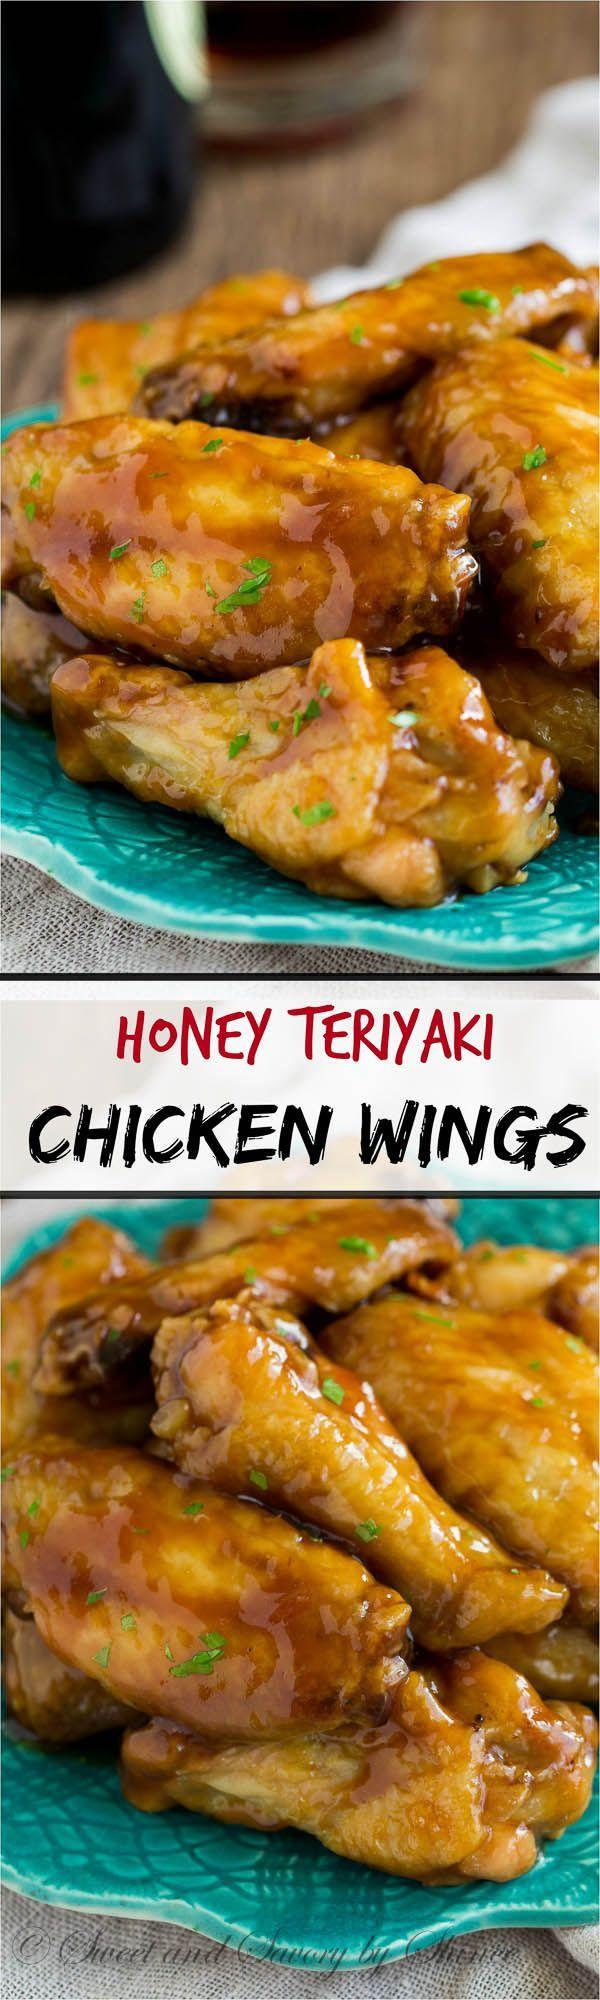 1000+ ideas about Honey Teriyaki Chicken on Pinterest ...